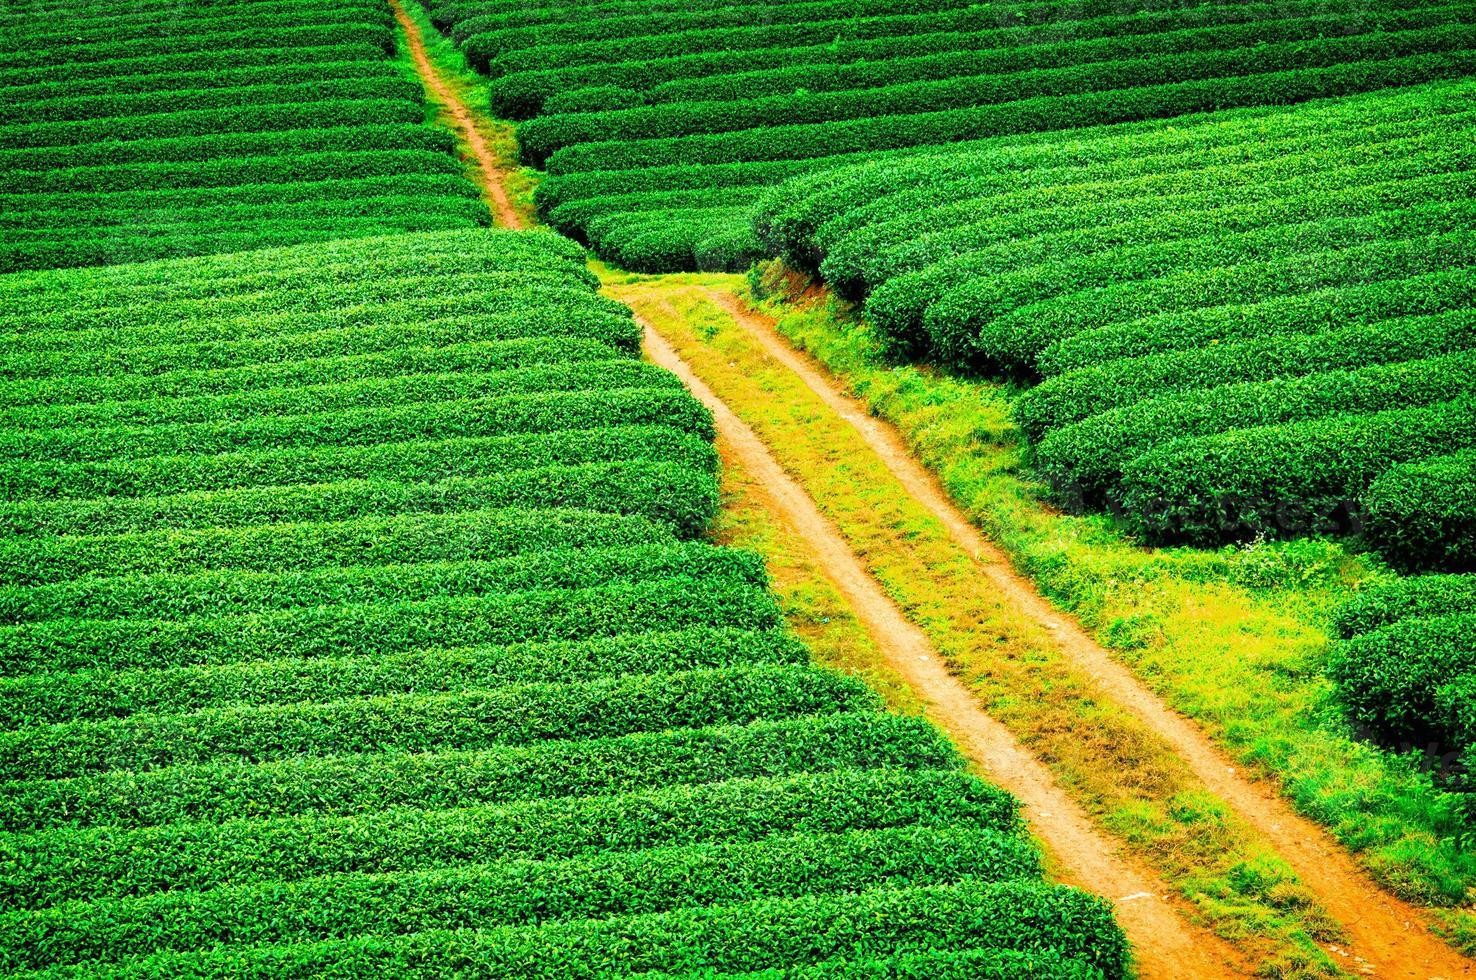 belle plantation de thé vert frais à moc chau, vietnam. photo